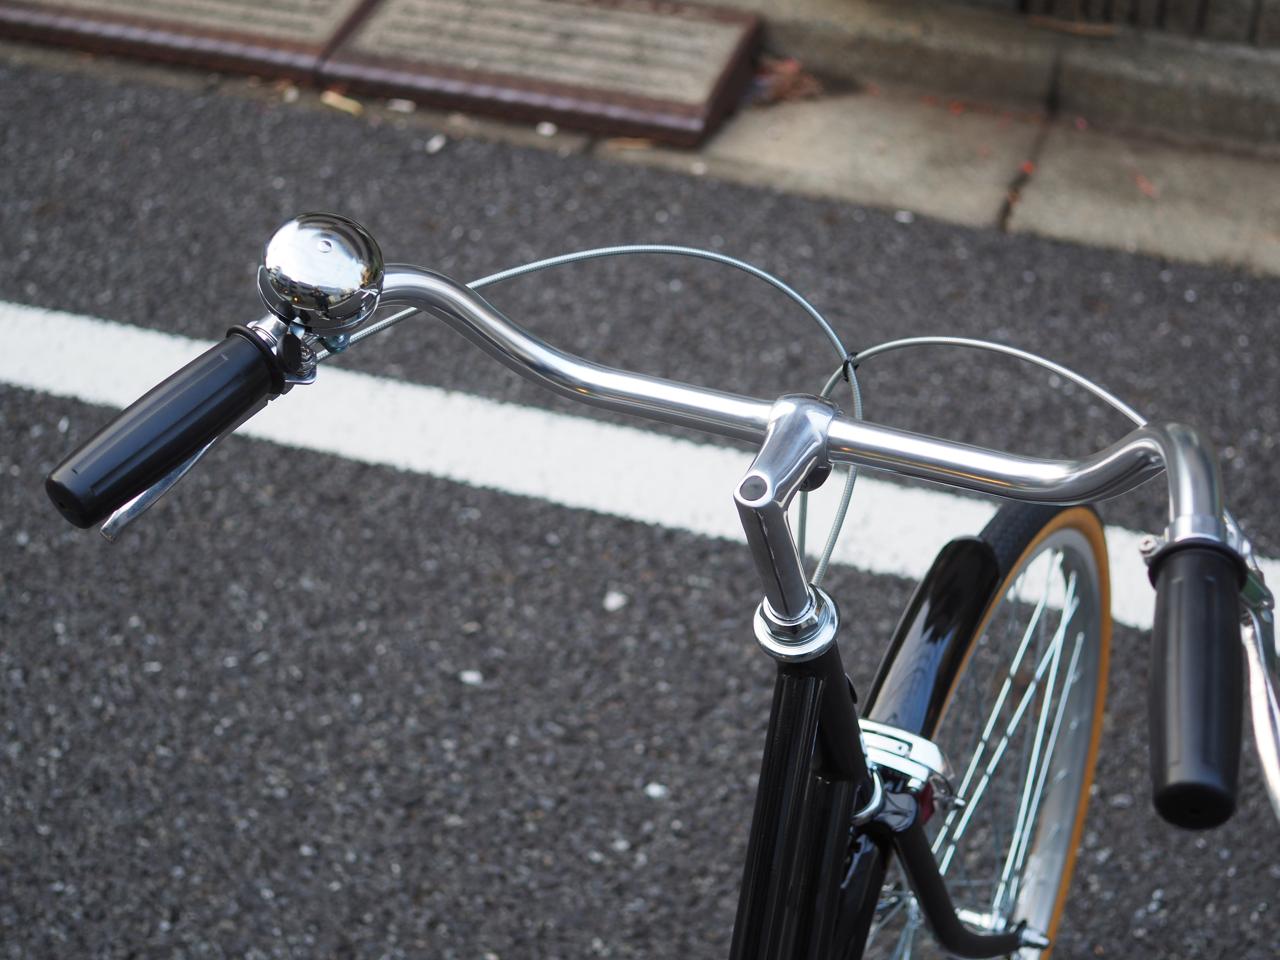 リンドウ,リンドウバイク,パラレル,自転車,おしゃれ自転車,トーキョーバイク,チャイルドシート